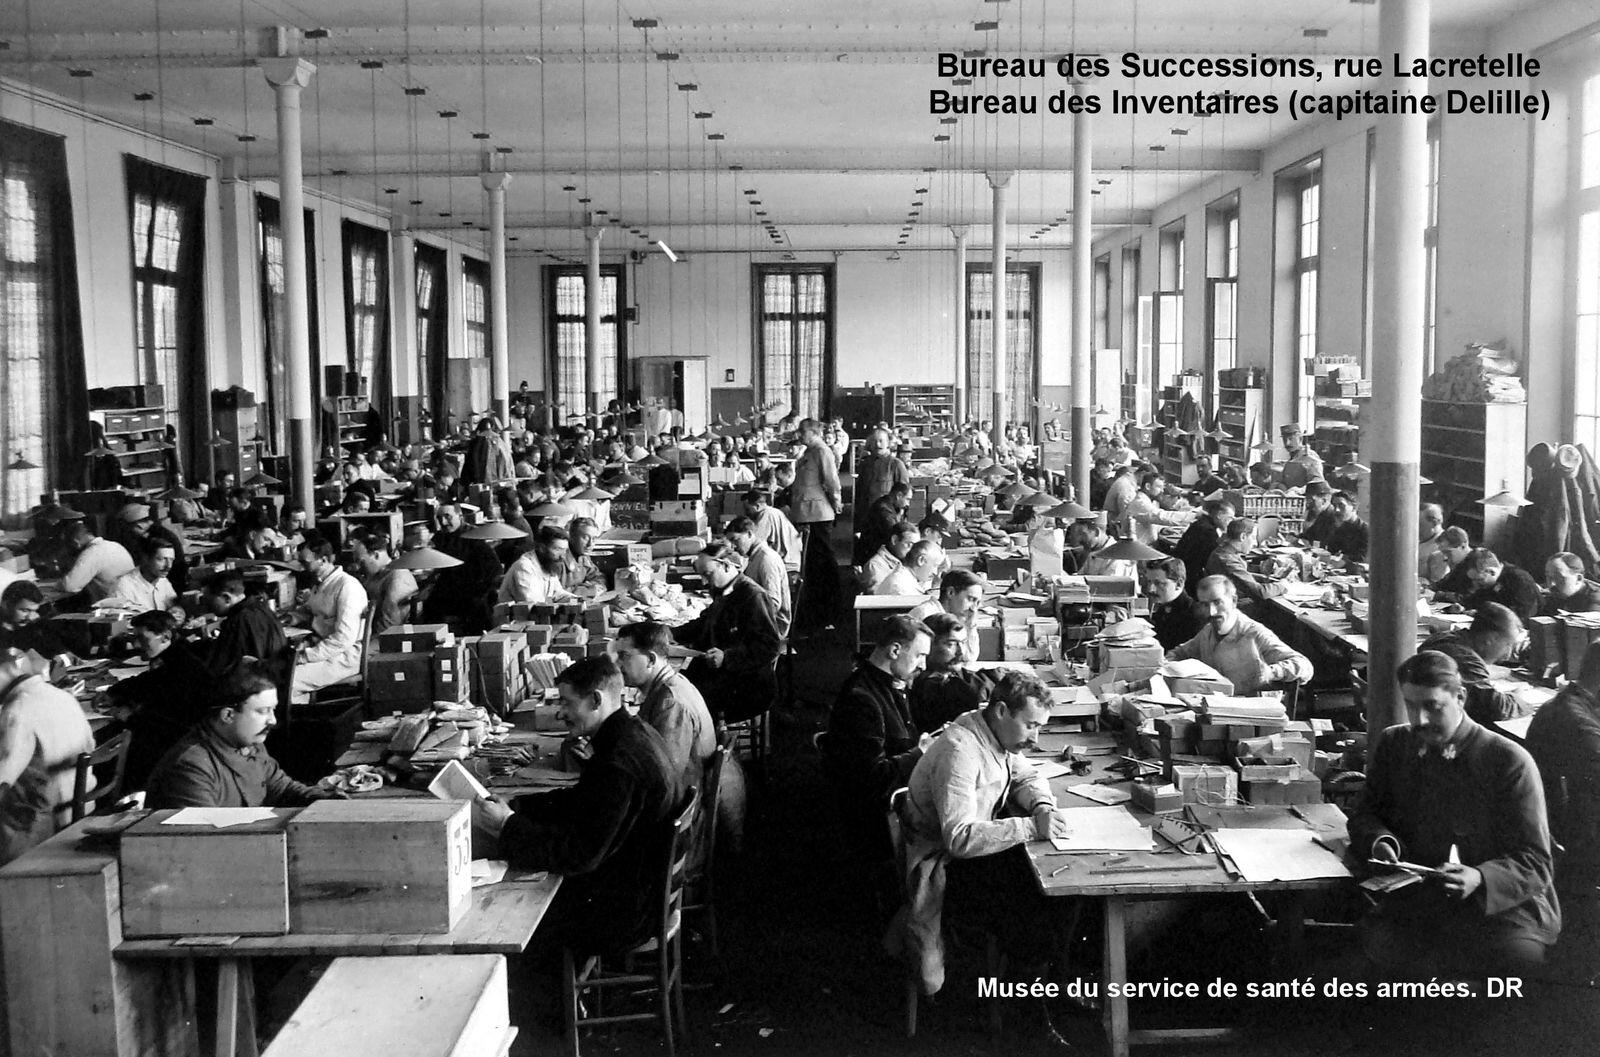 historique de la conservation des archives hospitalieres militaires 14 18 statistique medicale de la guerre 14 18 bureaux d archives des hopitaux fermes